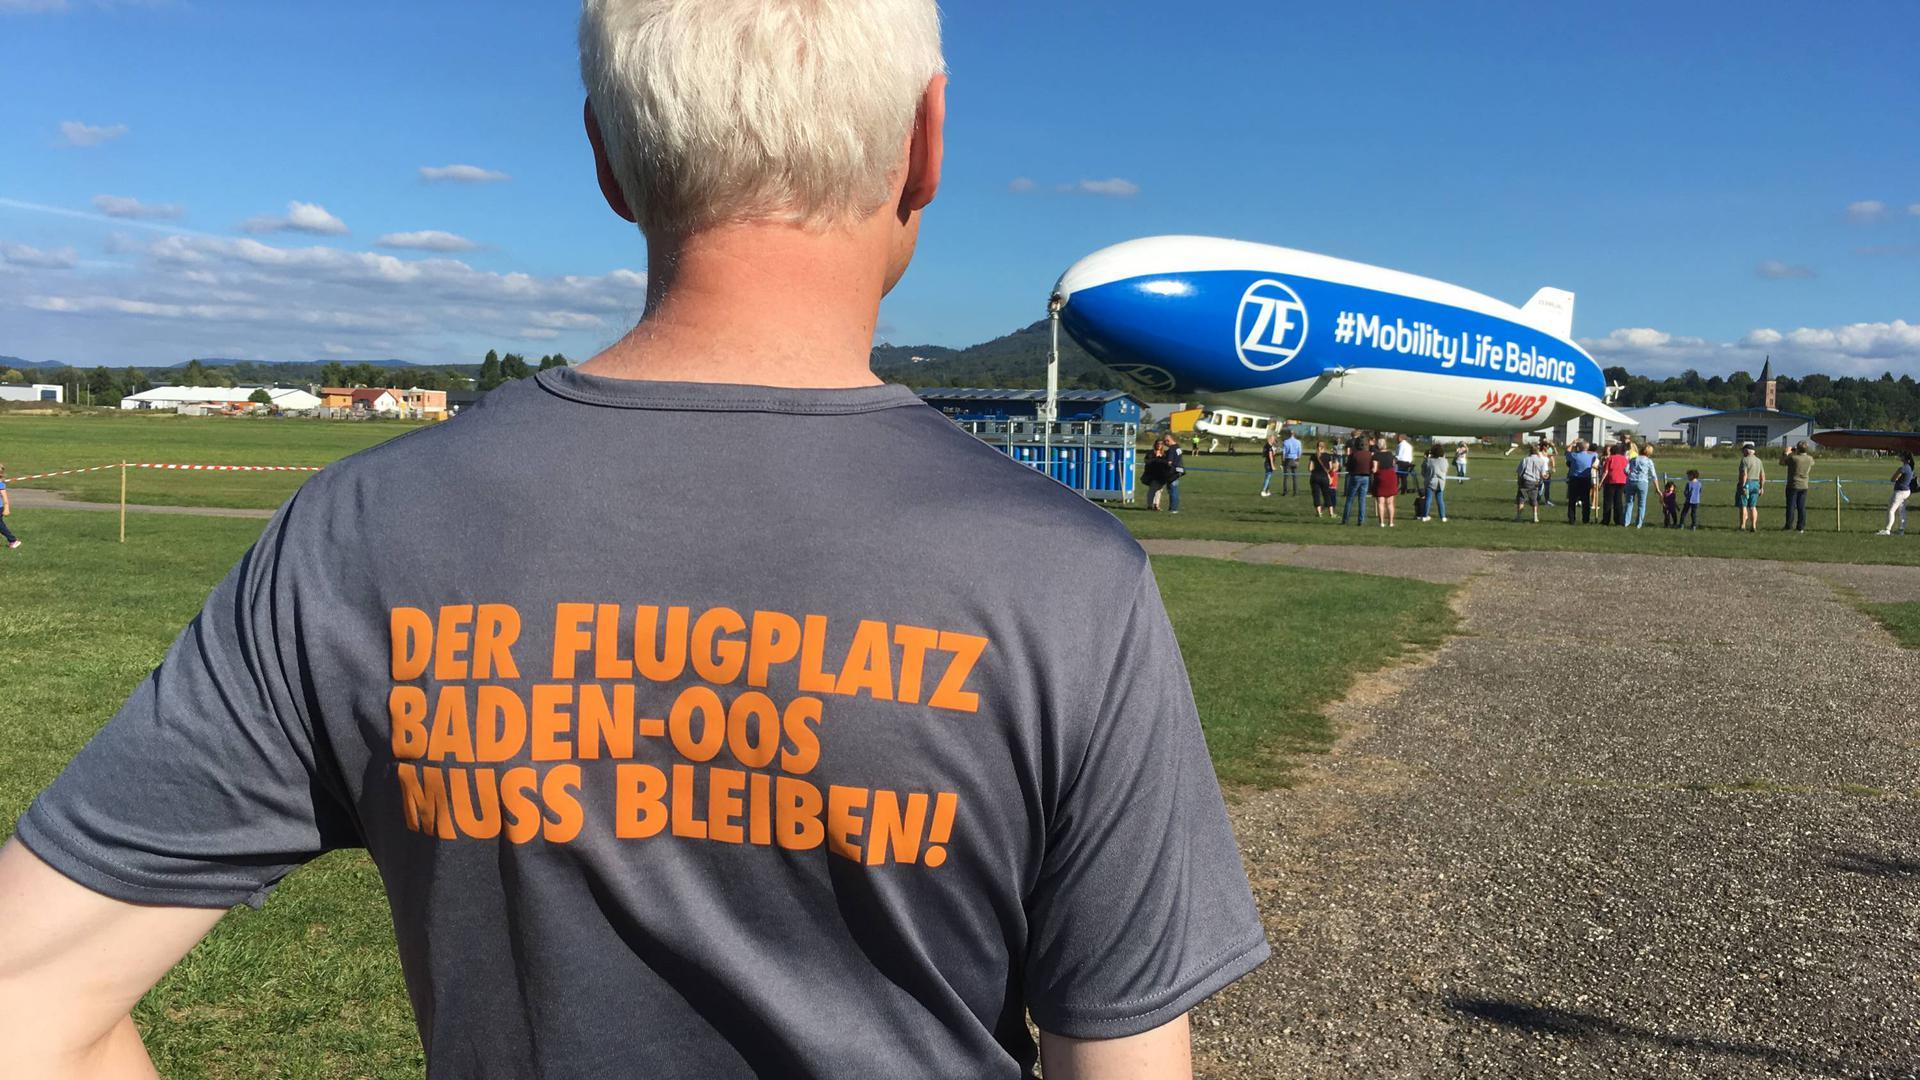 Für den Erhalt des Flugplatzes Oos werben Mitgieder des Aeroclubs Baden-Baden - wie auf diesem Bild vom September 2019, als ein Zeppelin der neuen Generation in Oos zu Rundflügen abhob.